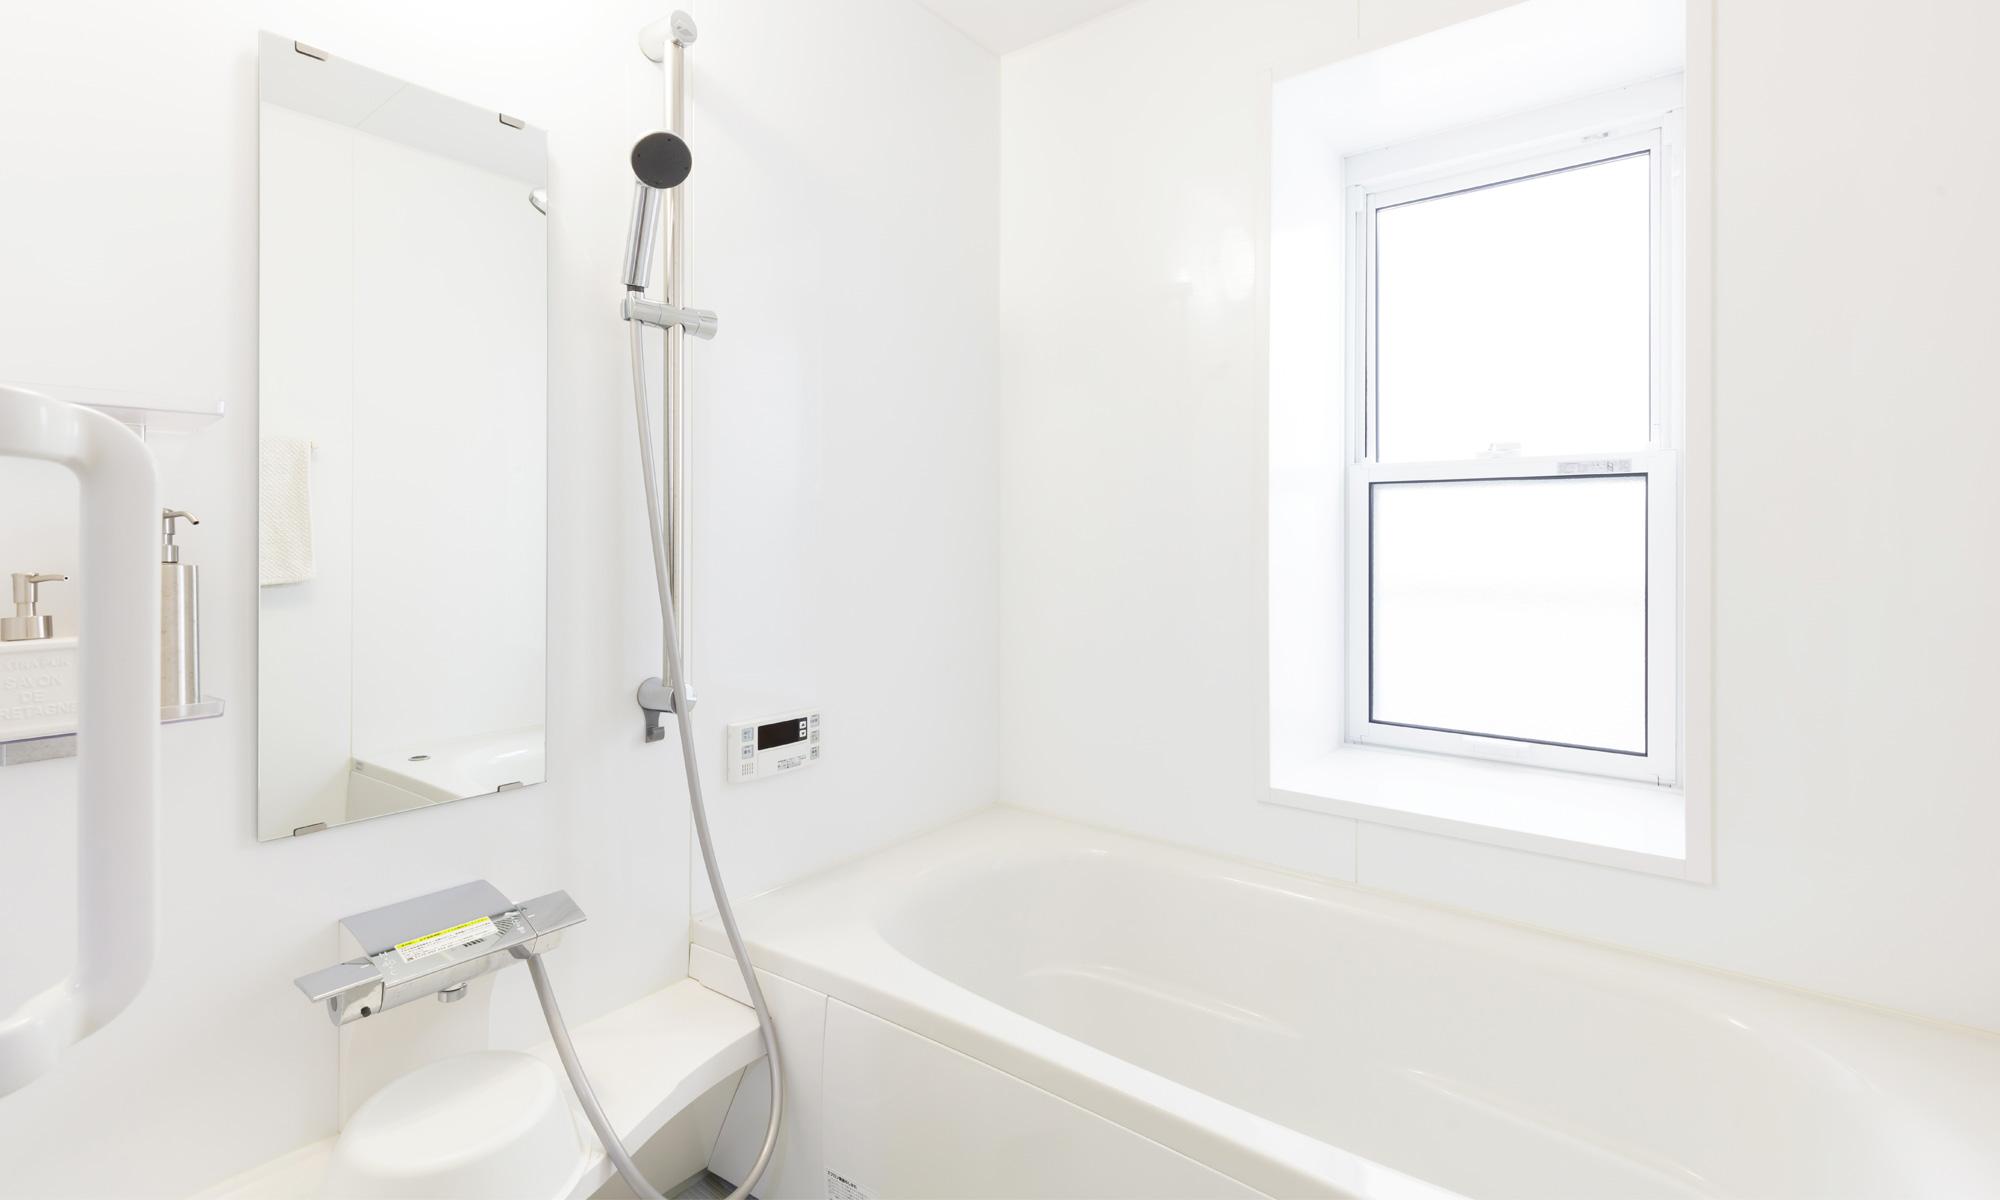 浴室の水垢や換気扇の汚れをクリーニング